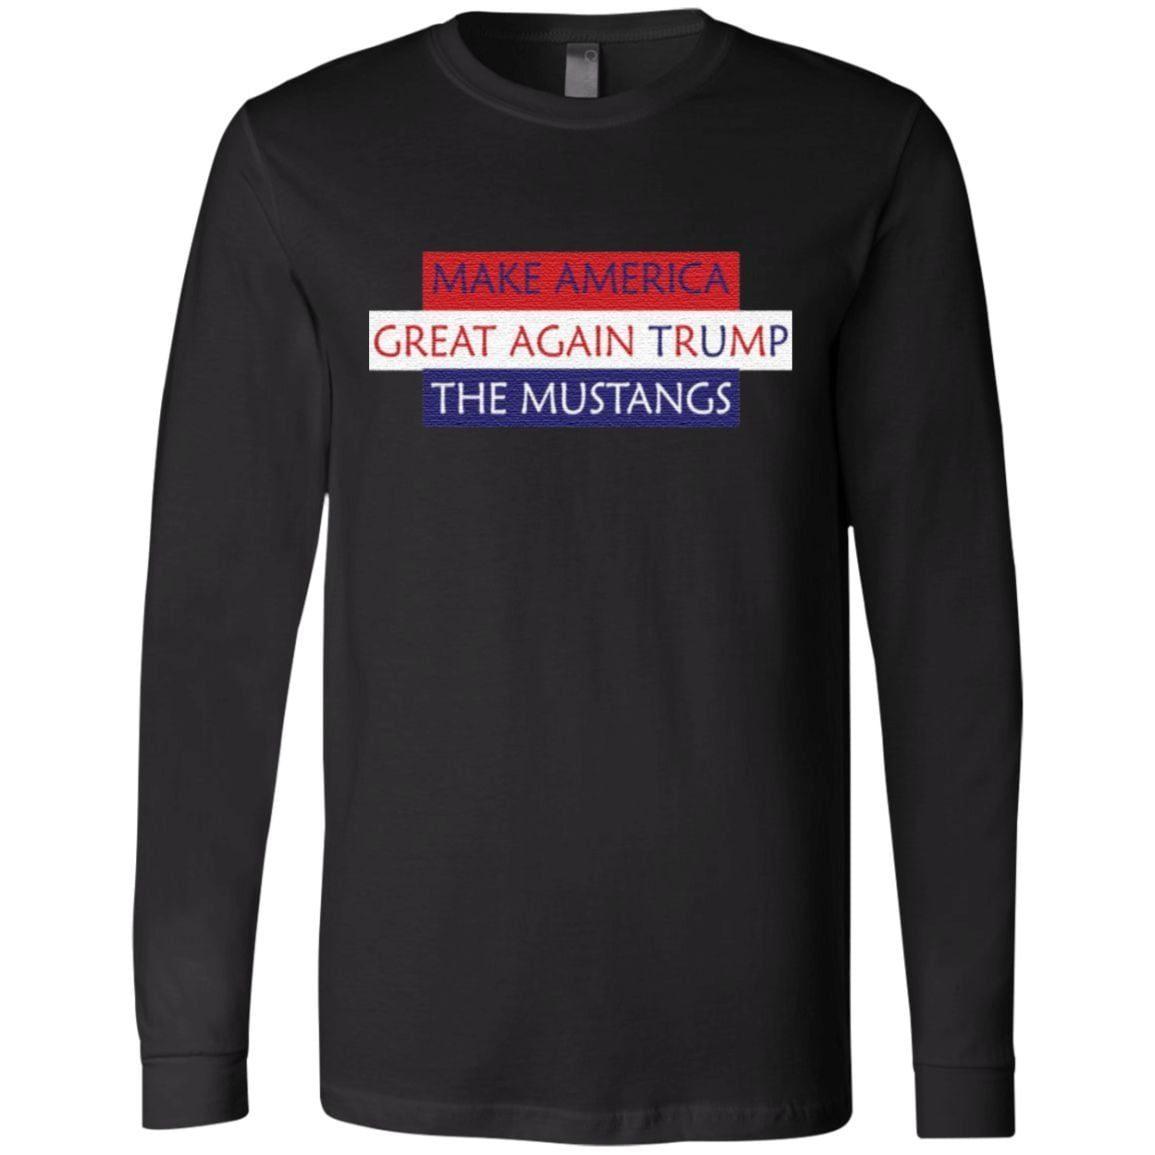 Make America Great Again Trump The Mustangs t shirt